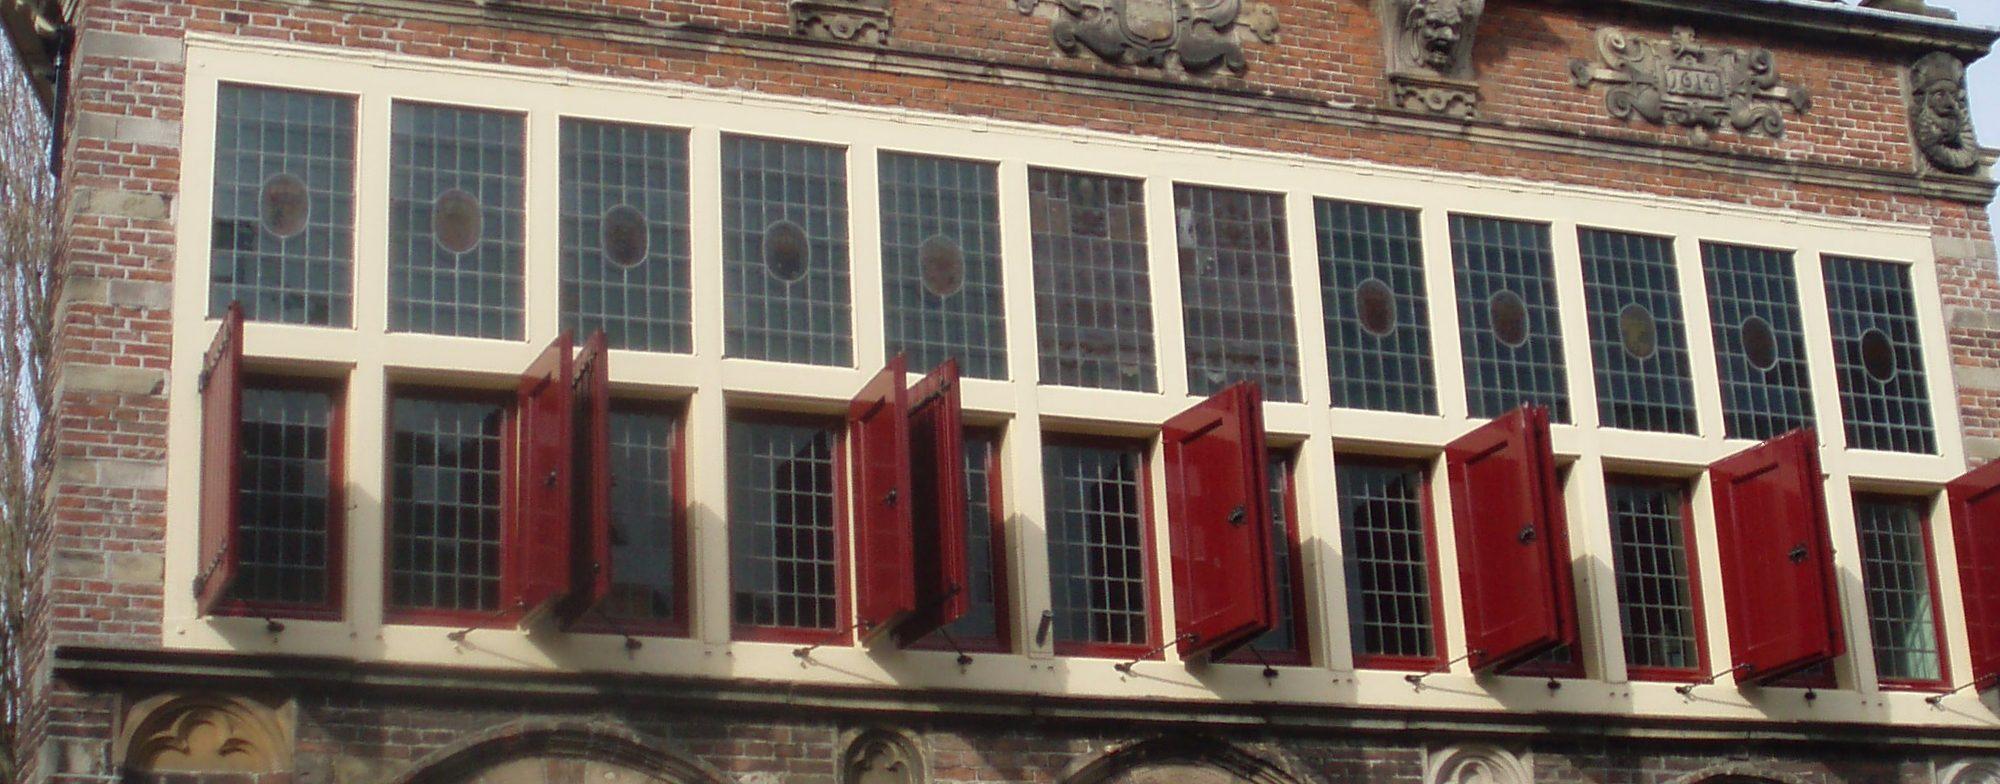 Foto CC-BY-SA door https://nl.wikipedia.org/wiki/Gebruiker:Onderwijsgek